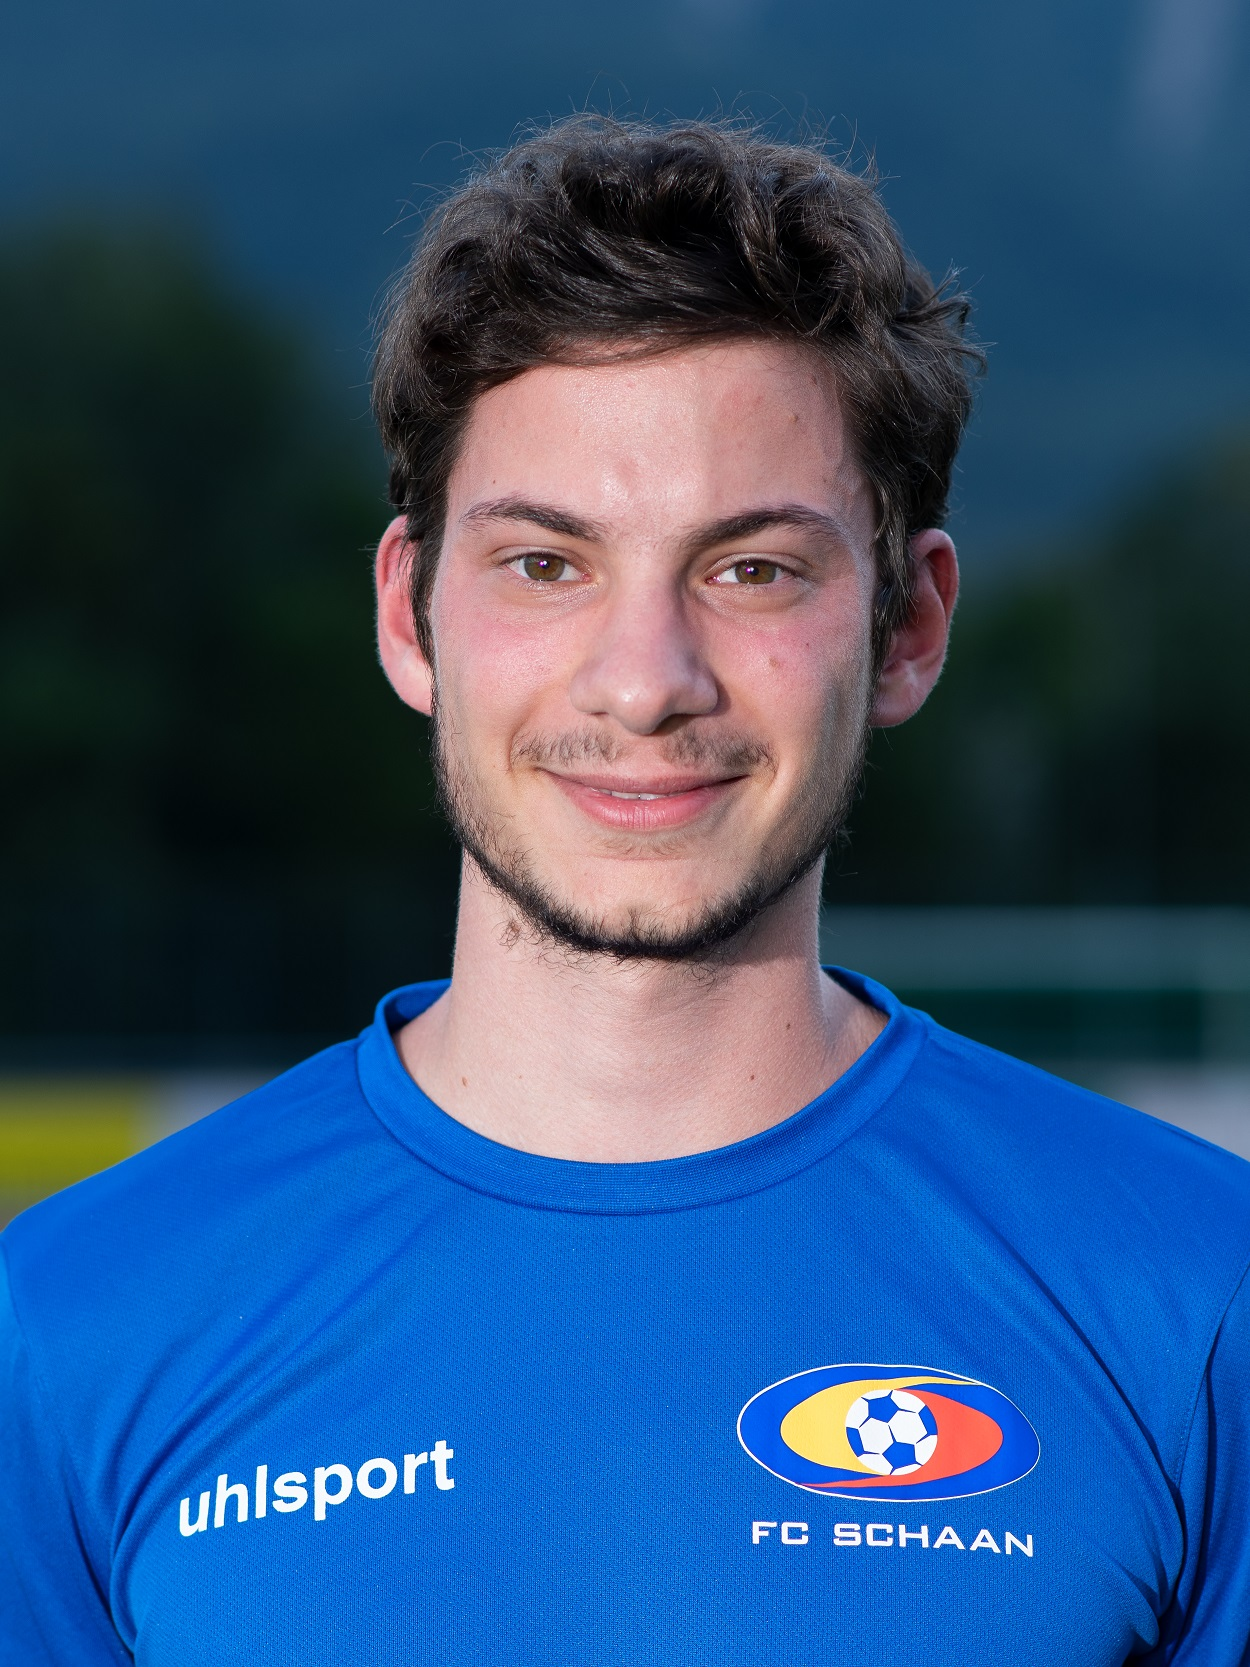 Fabio Quaderer